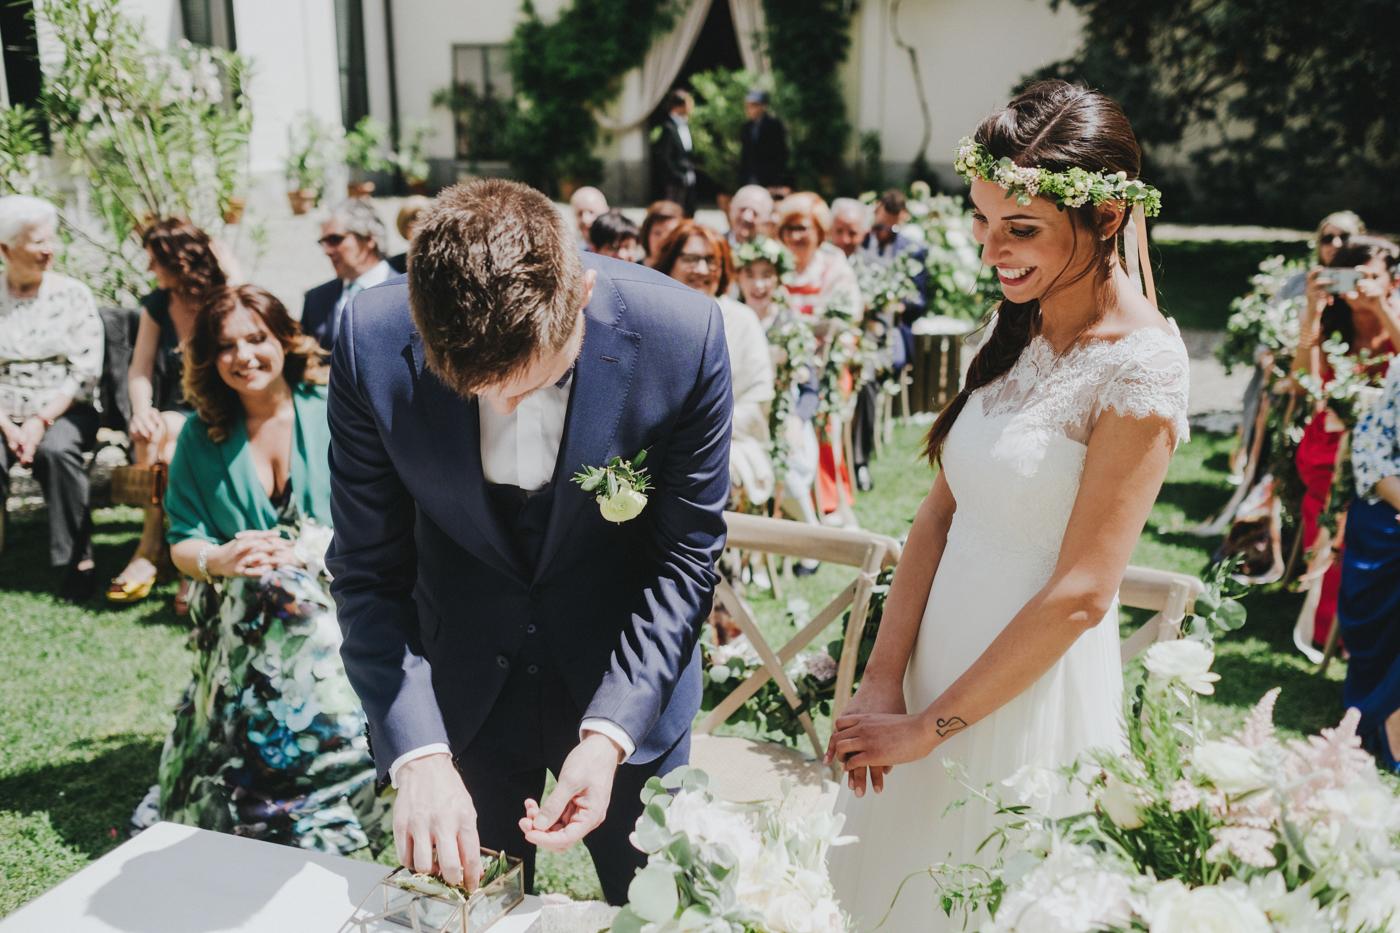 fotografo matrimonio como-53.jpg